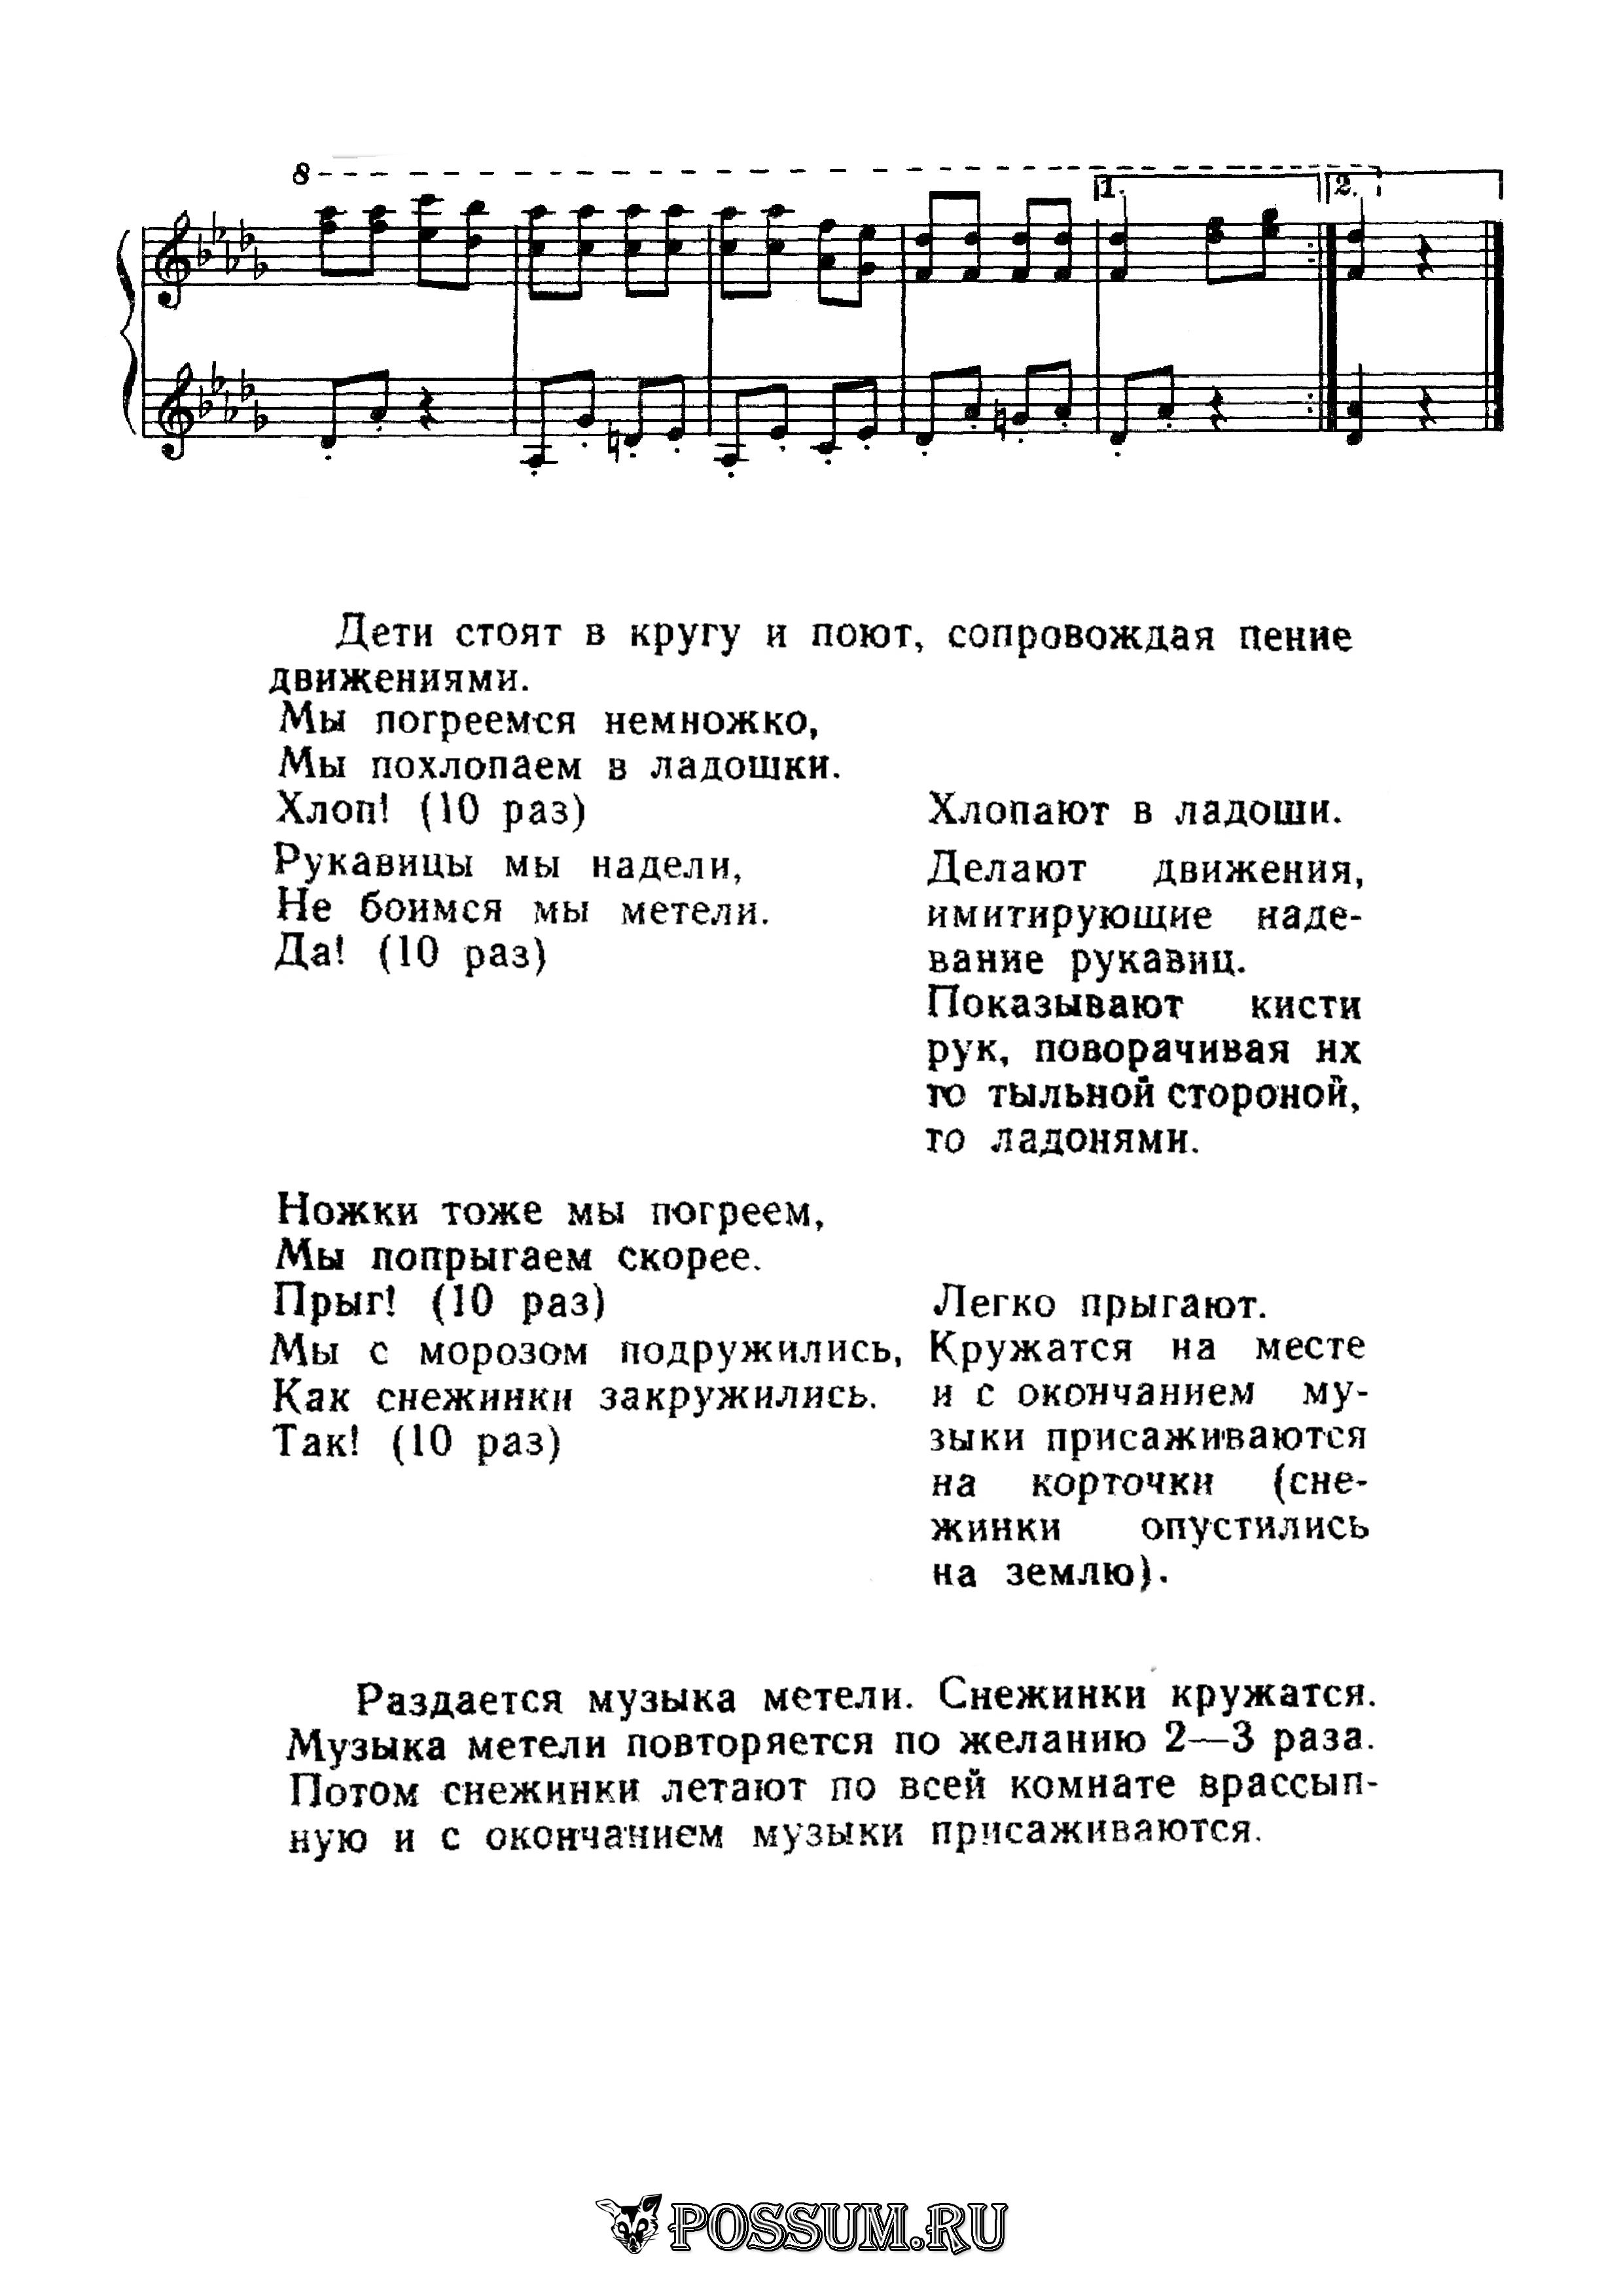 ПЕСНЯ МЫ ПОГРЕЕМСЯ НЕМНОЖКО СКАЧАТЬ БЕСПЛАТНО